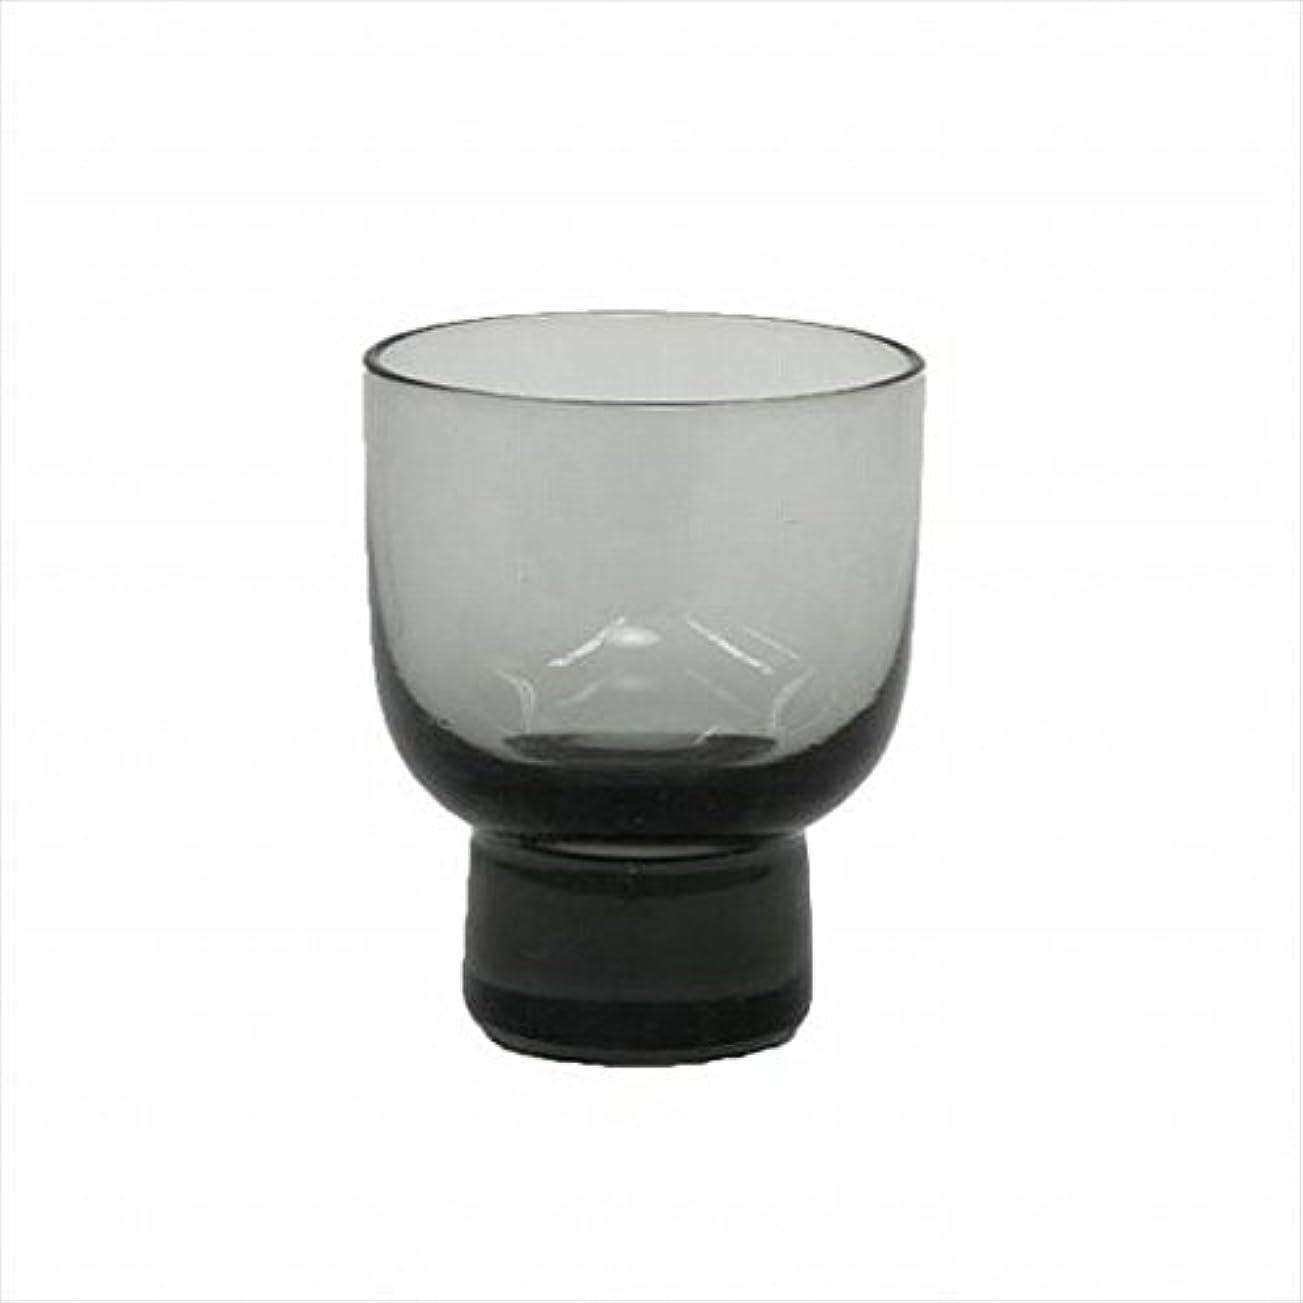 繁雑藤色スキッパーkameyama candle(カメヤマキャンドル) ロキカップ 「 スモーク 」 キャンドル 58x58x70mm (I8236100SM)